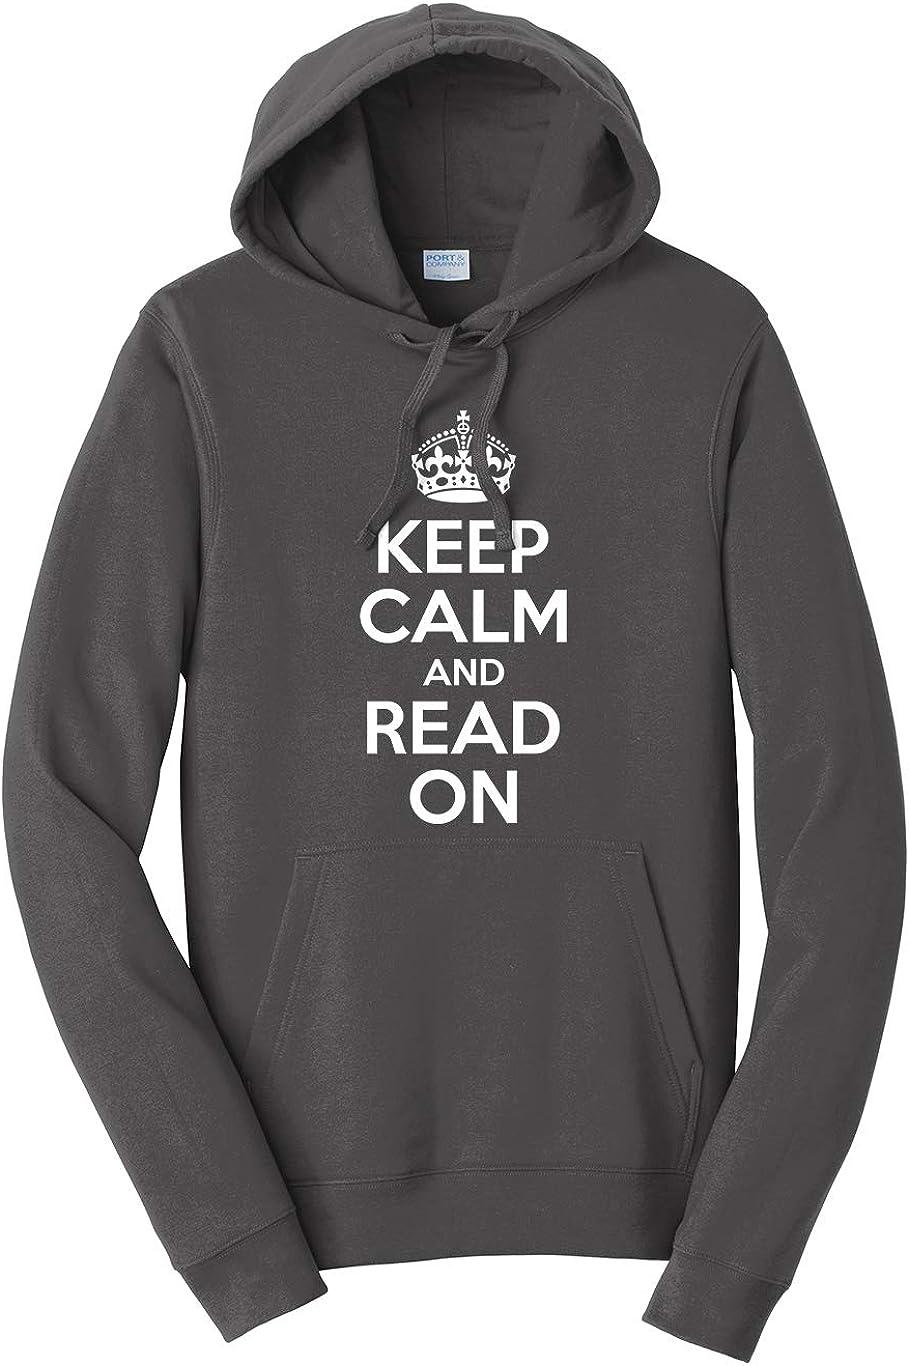 Tenacitee Unisex Keep Calm and Read On Hooded Sweatshirt